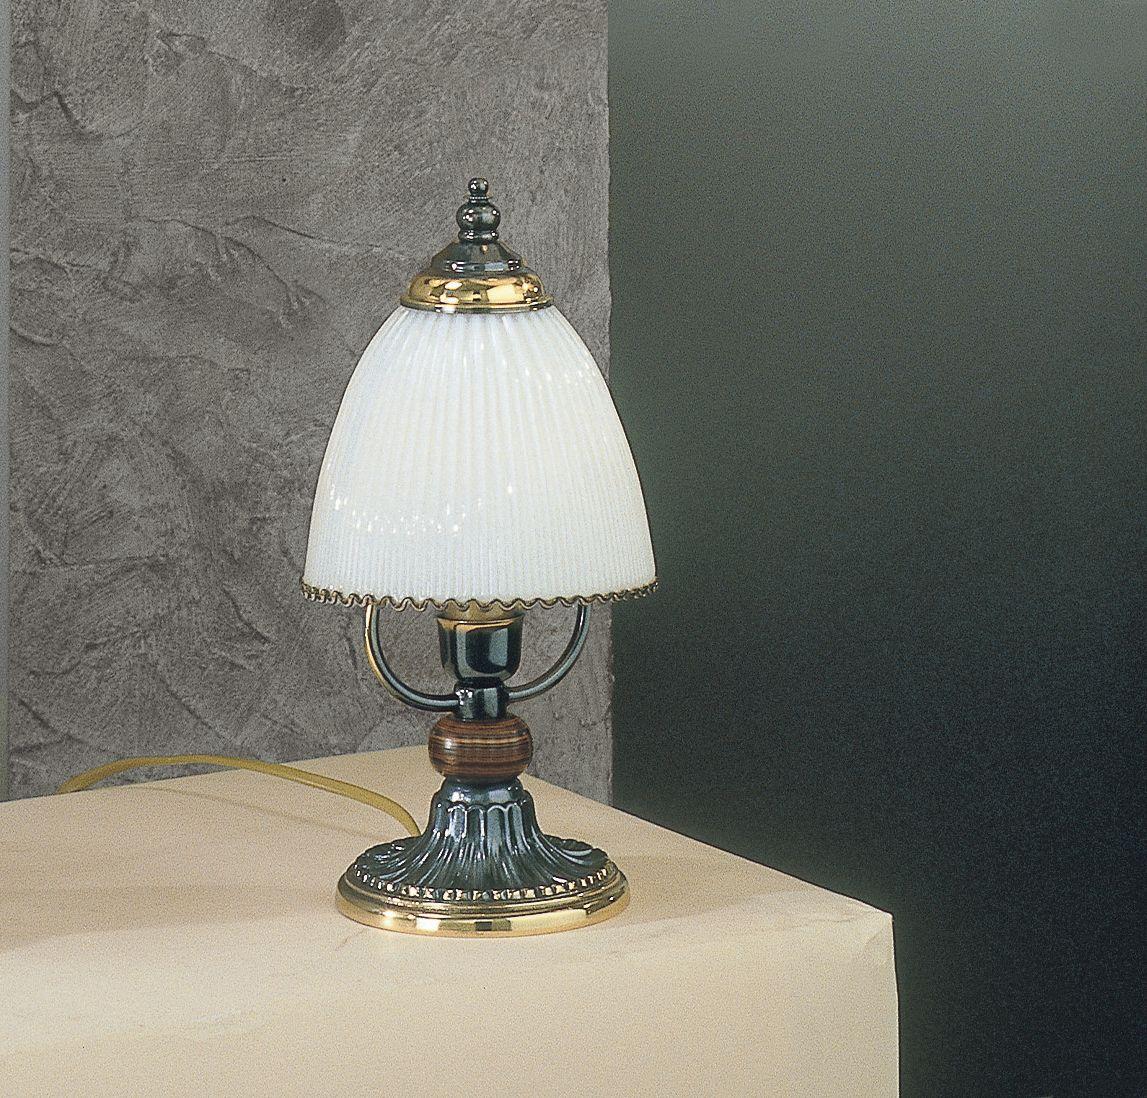 Lampada da comodino in ottone color bronzo e legno con vetro soffiato  Reccagni Store